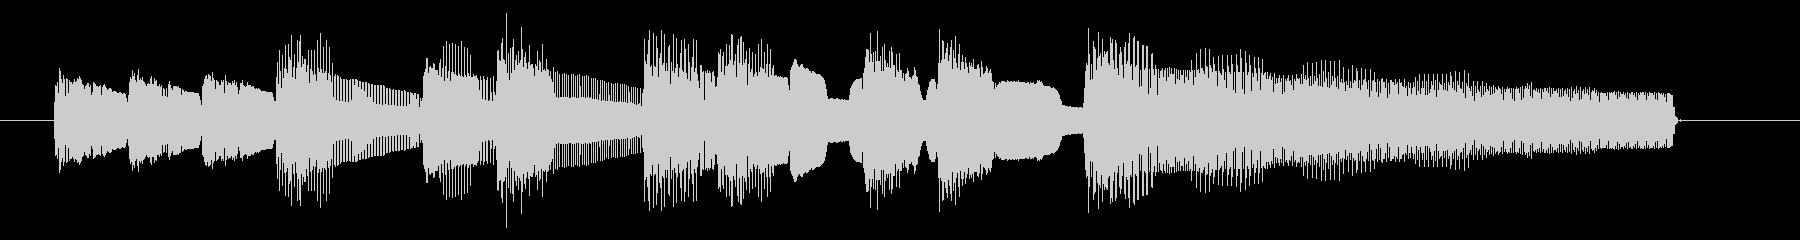 NES アクションD09-2(クリア2)の未再生の波形